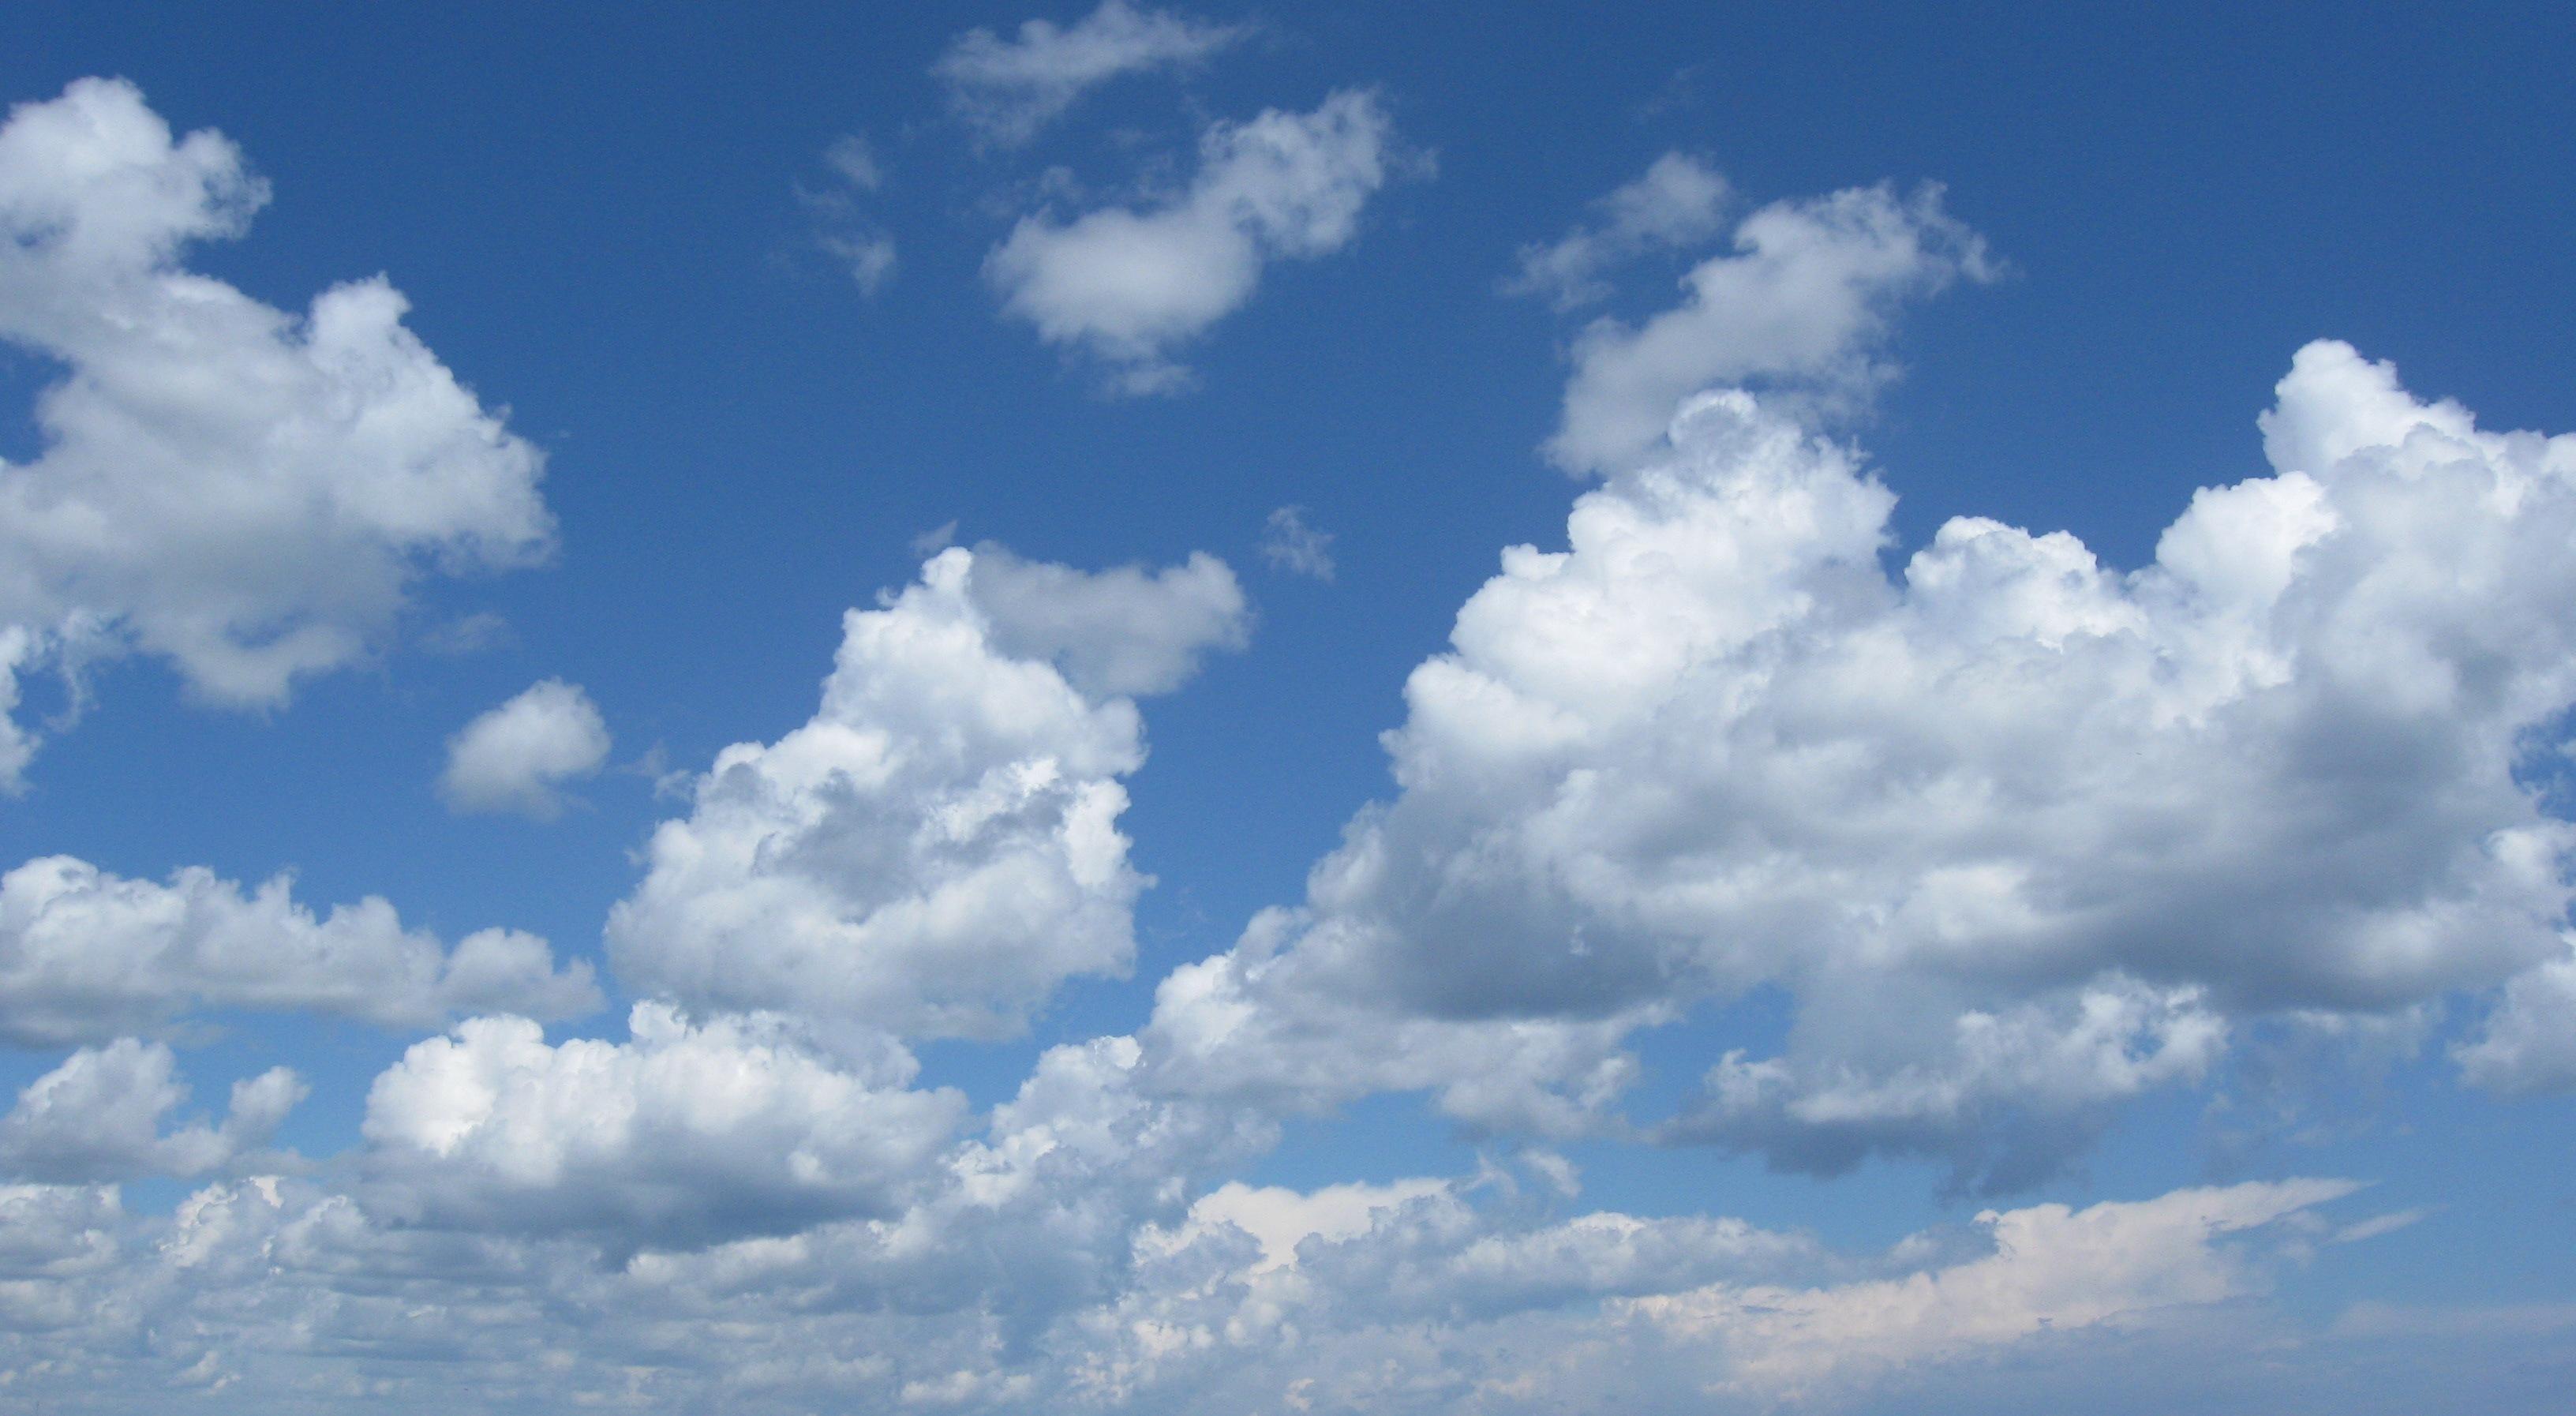 Hình ảnh mây rất đẹp